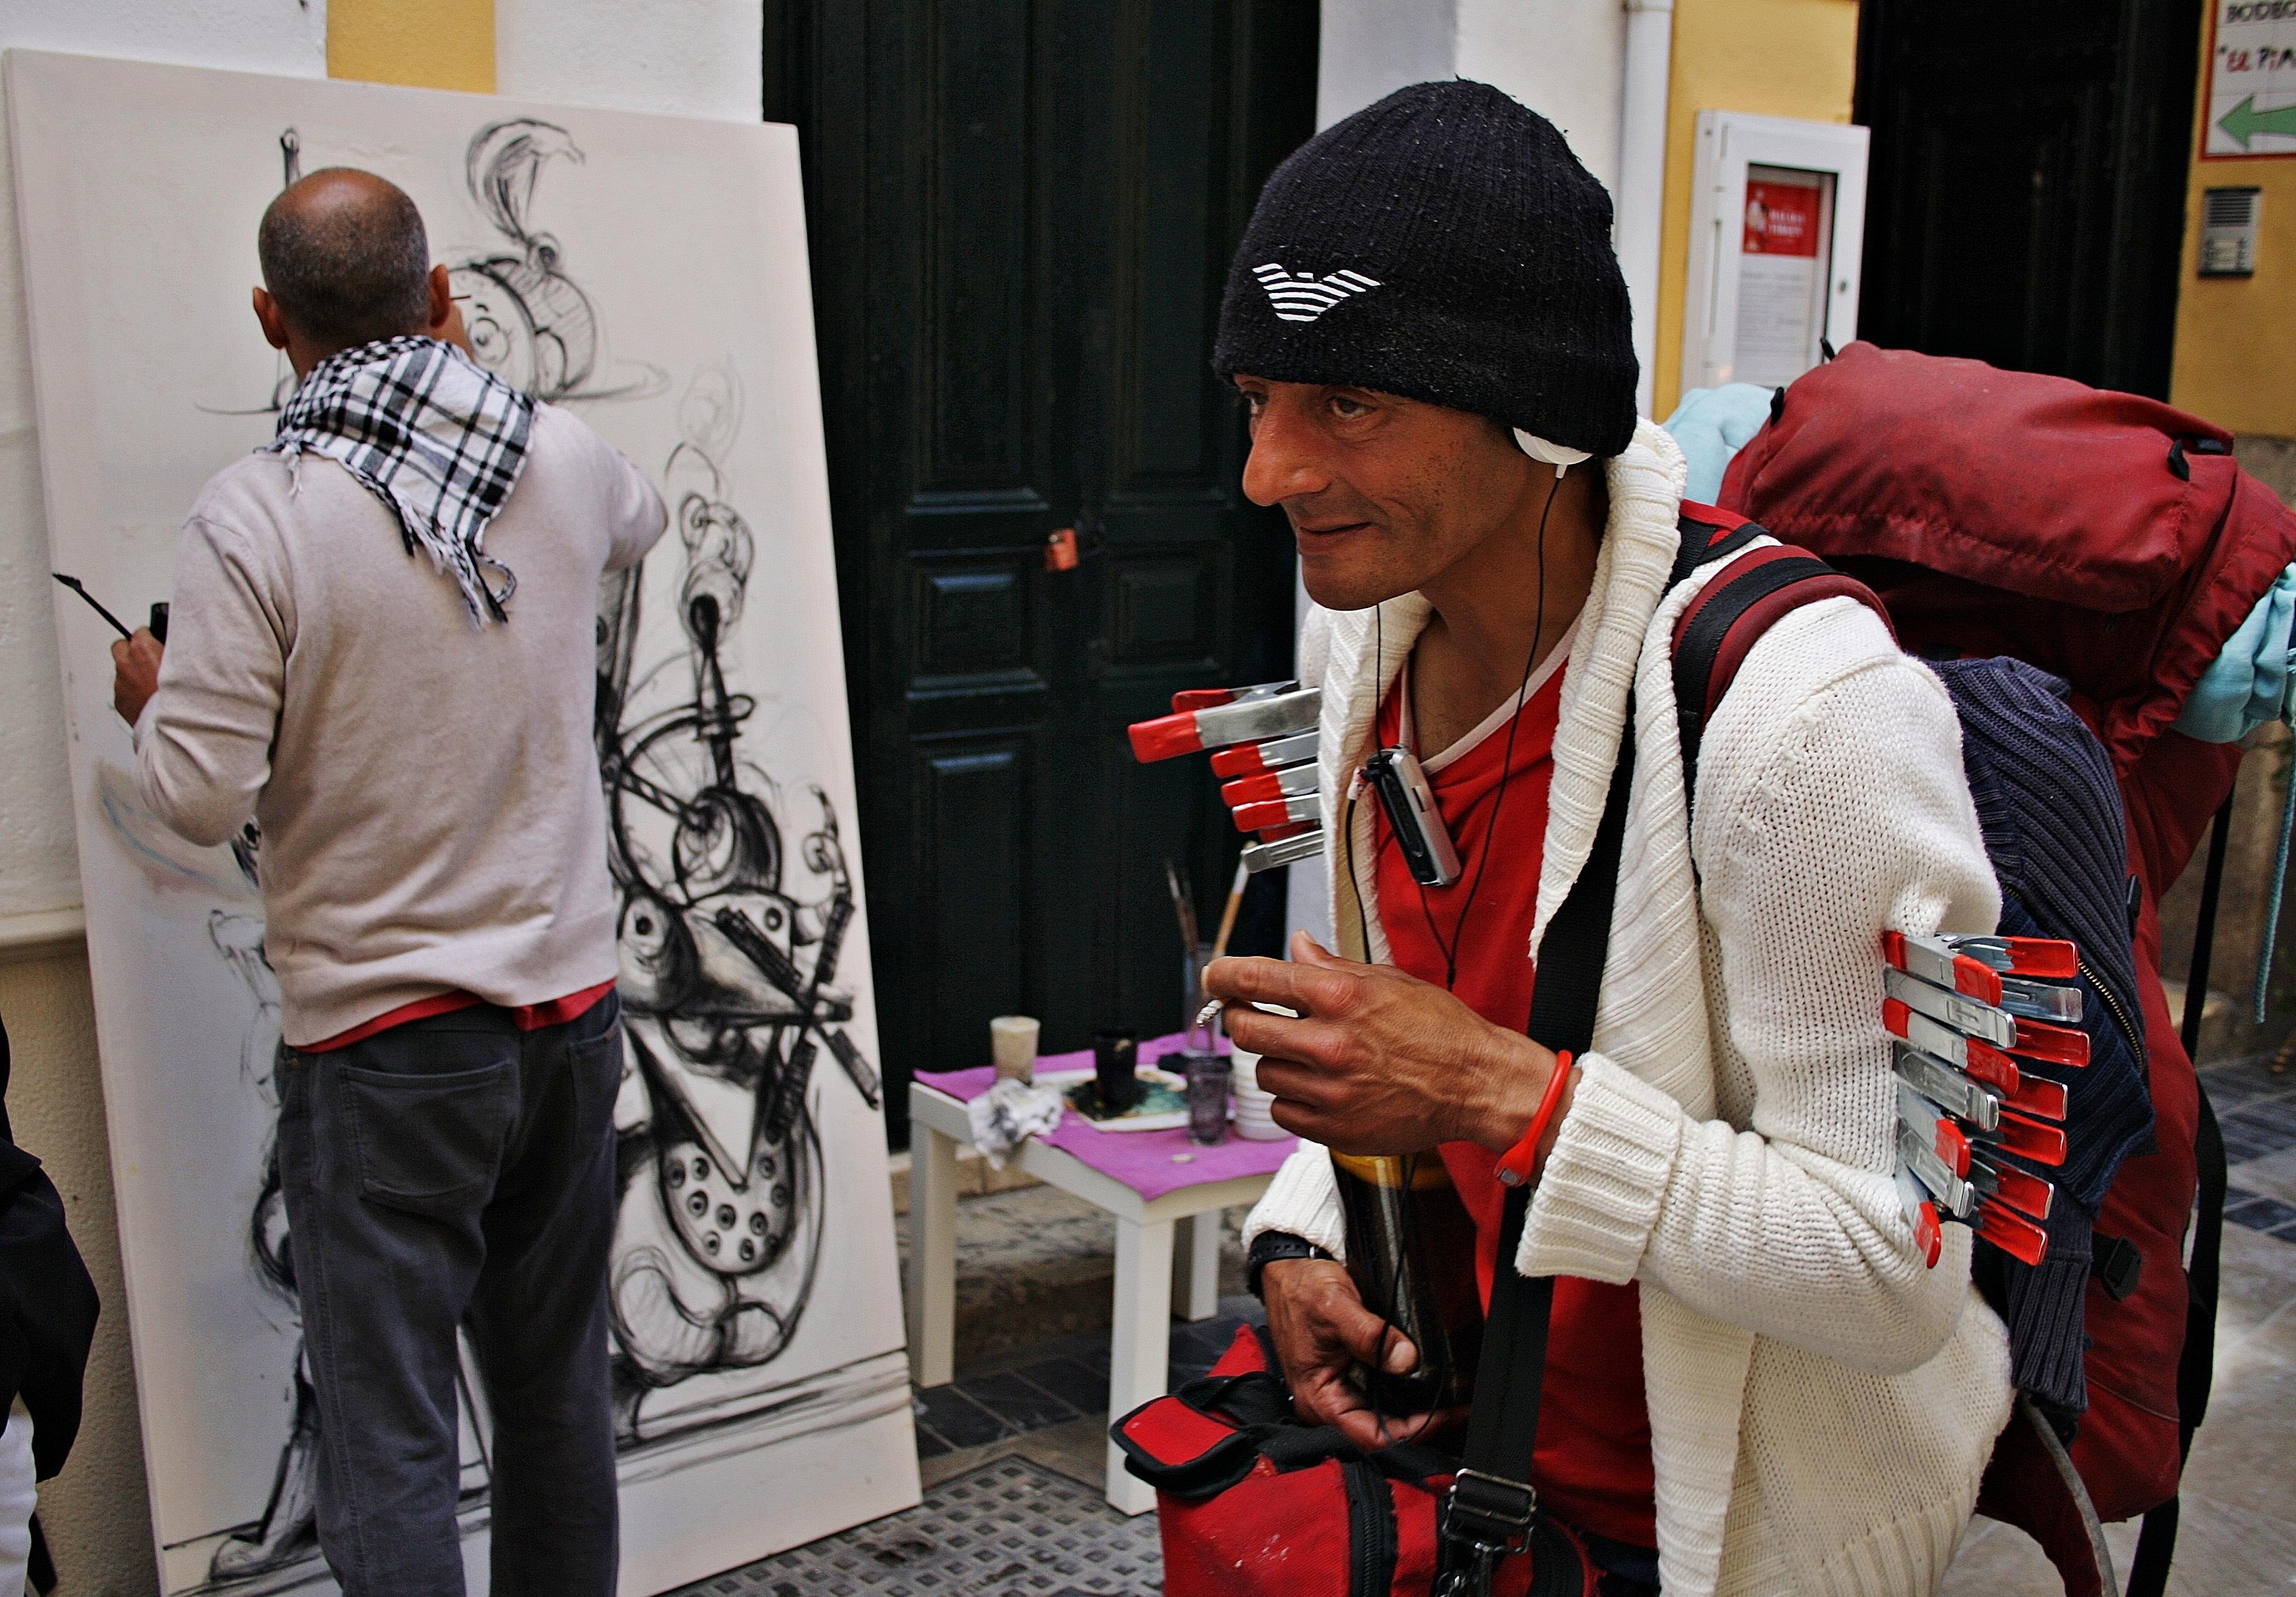 La calle donde se ubica la galería tiene un algo especial dentro del centro histórico de Málaga. Su color y su olfato son un reclamo para el continuo trasegar de personajes | ©Sara Yáñez